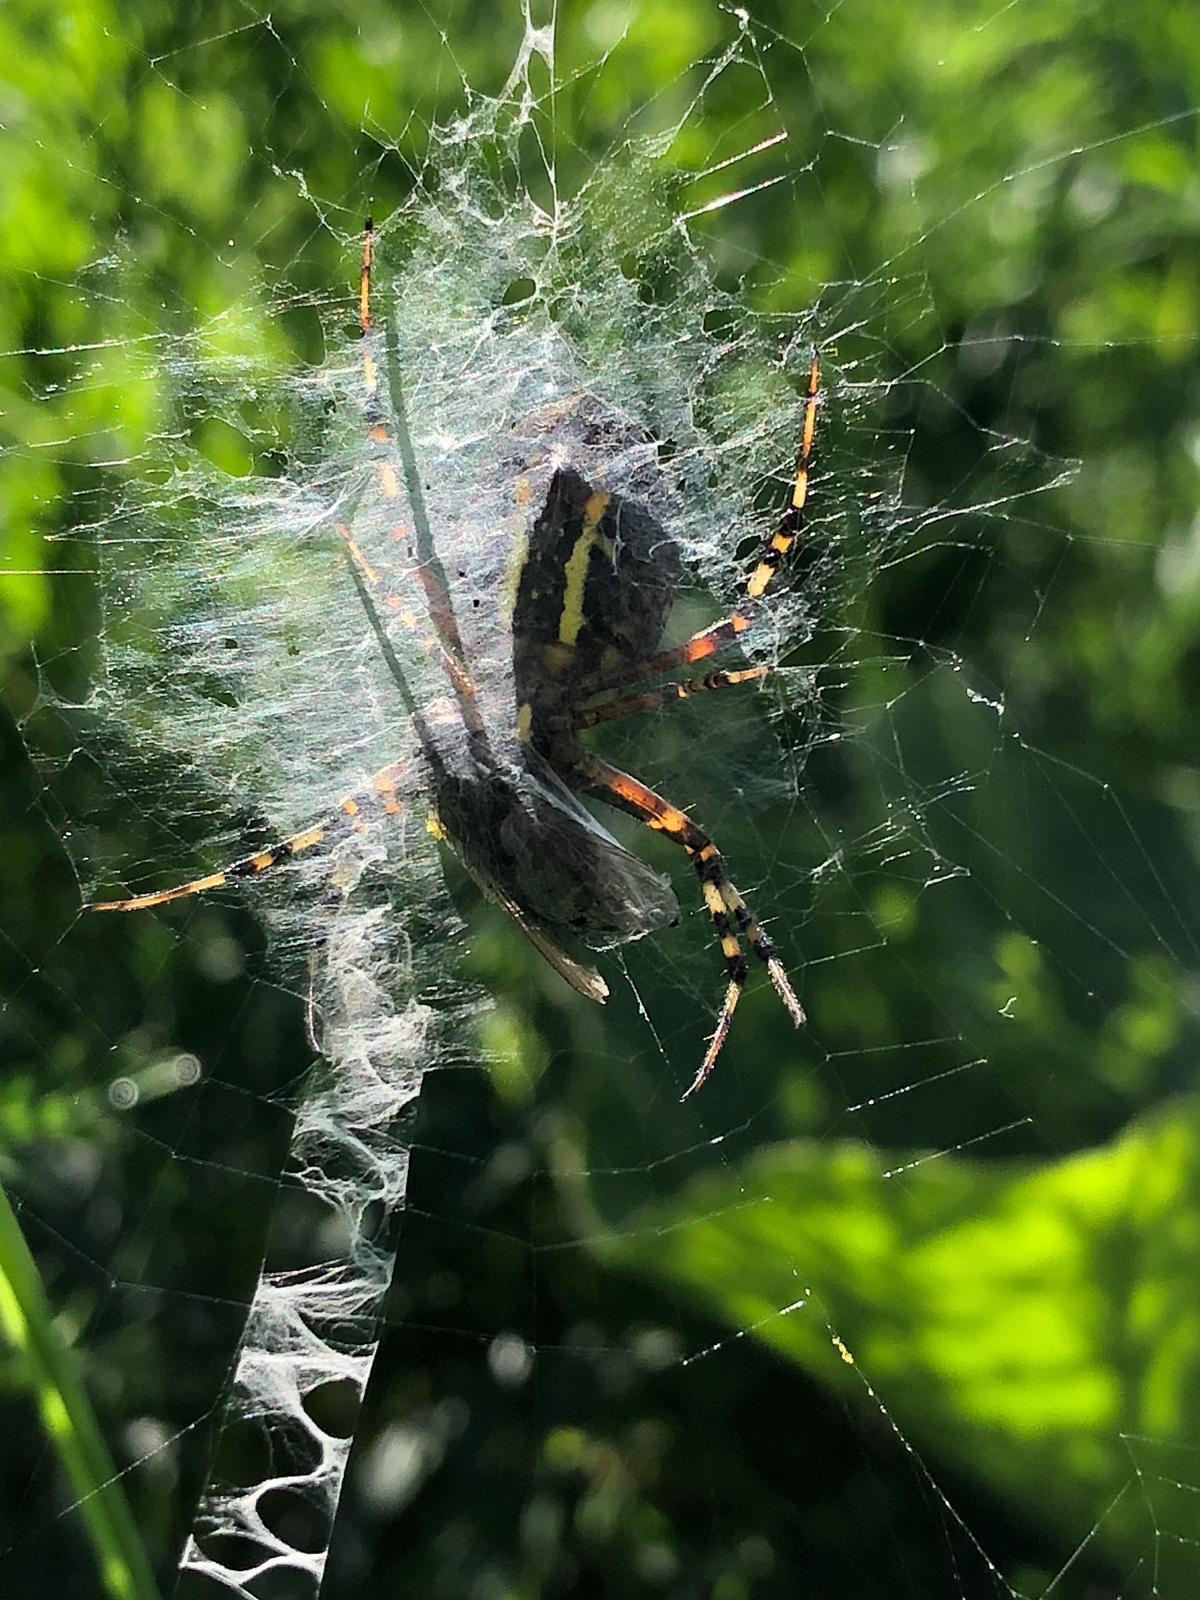 Wespenspinne mit Beute im Netz